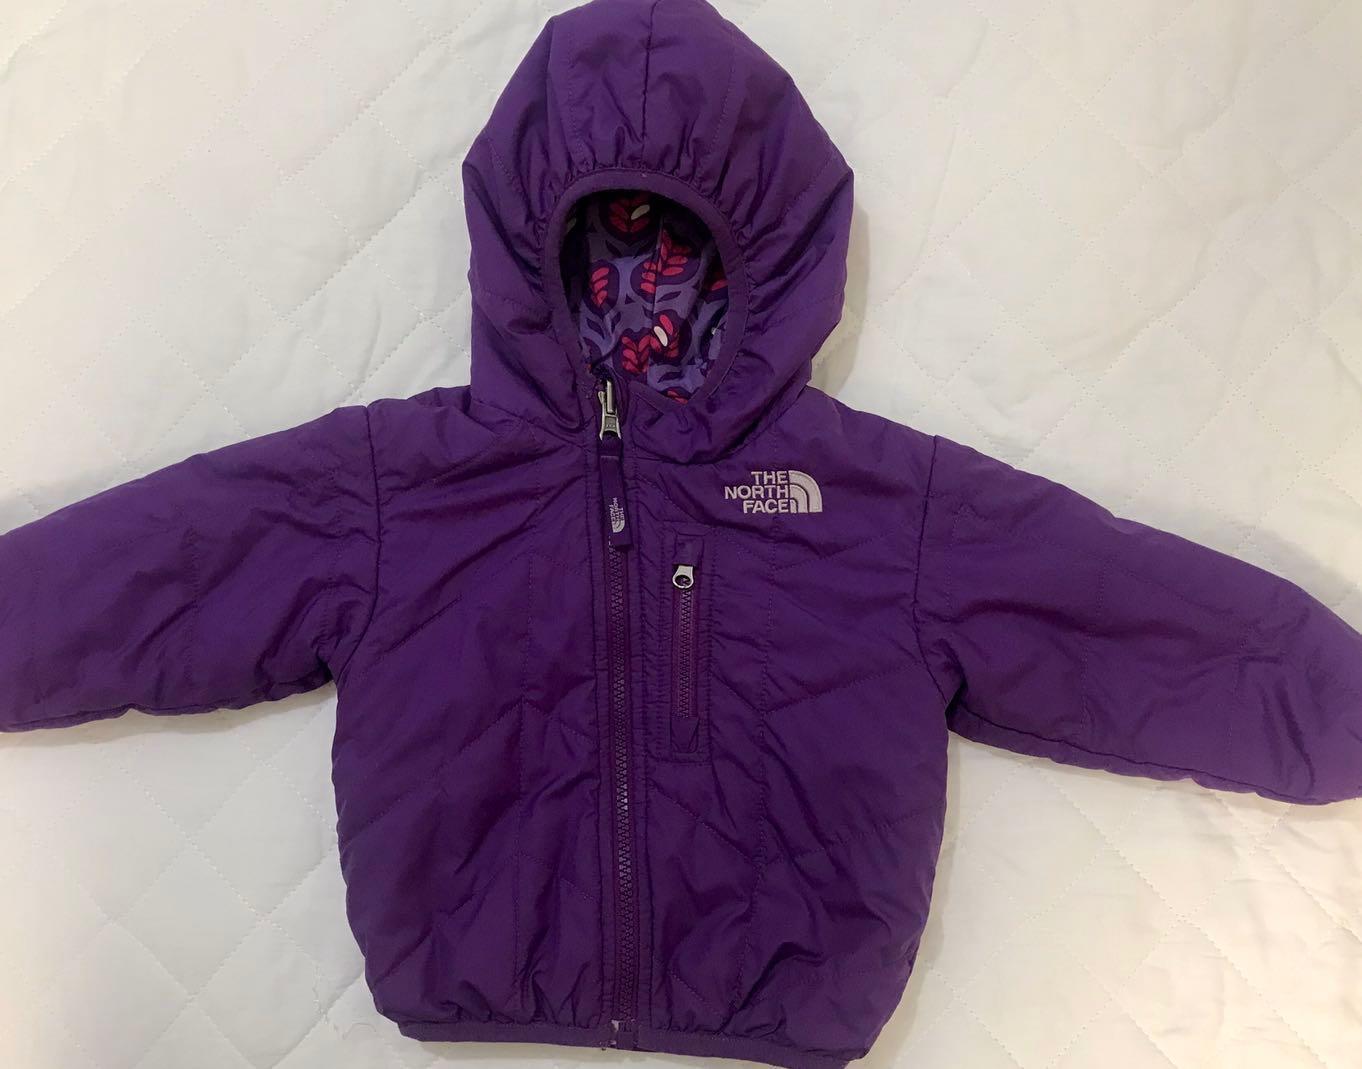 👶🏻 NorthFace Infant Reversible Wind Jacket